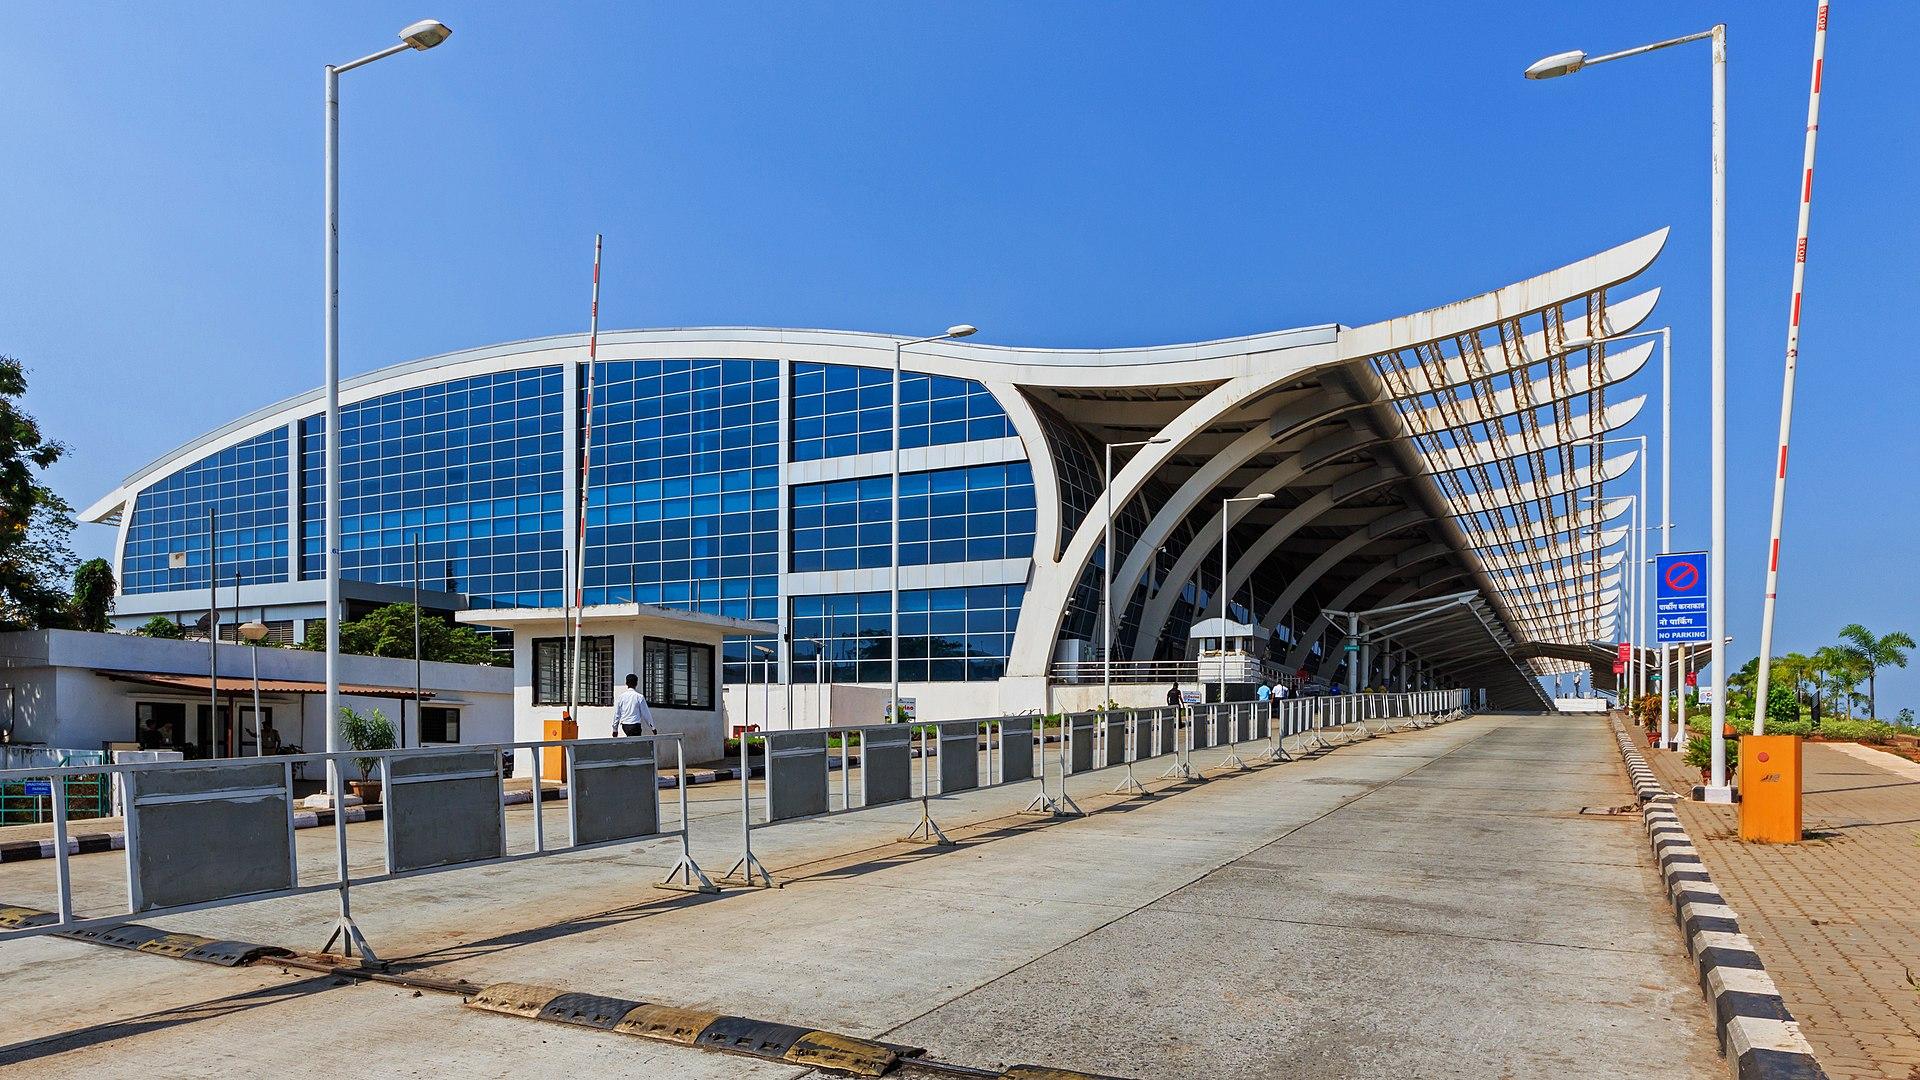 Rail stn-like scene at Goa airport irks authorities, netizens